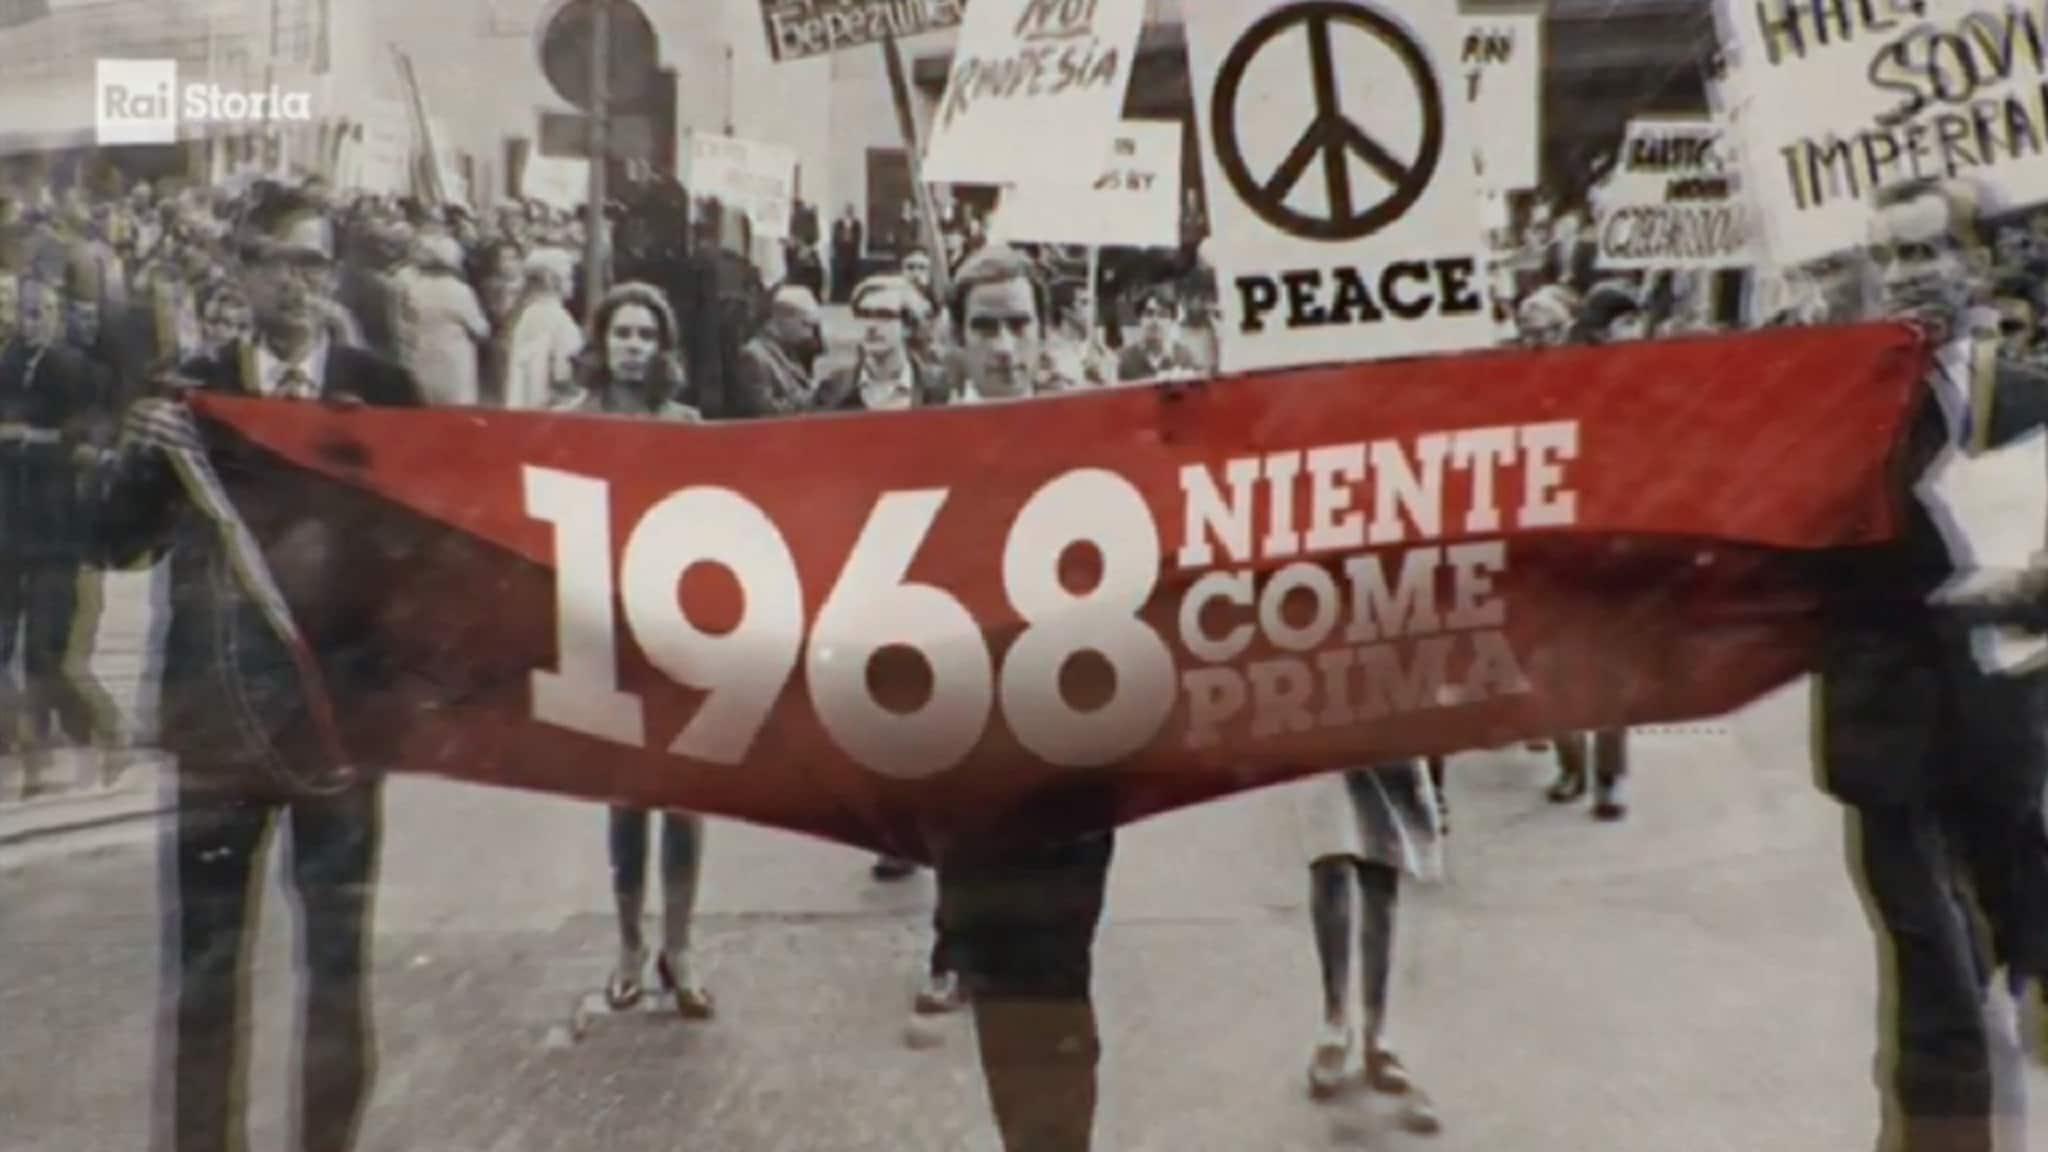 Rai Storia 1968 niente come prima - Aprile